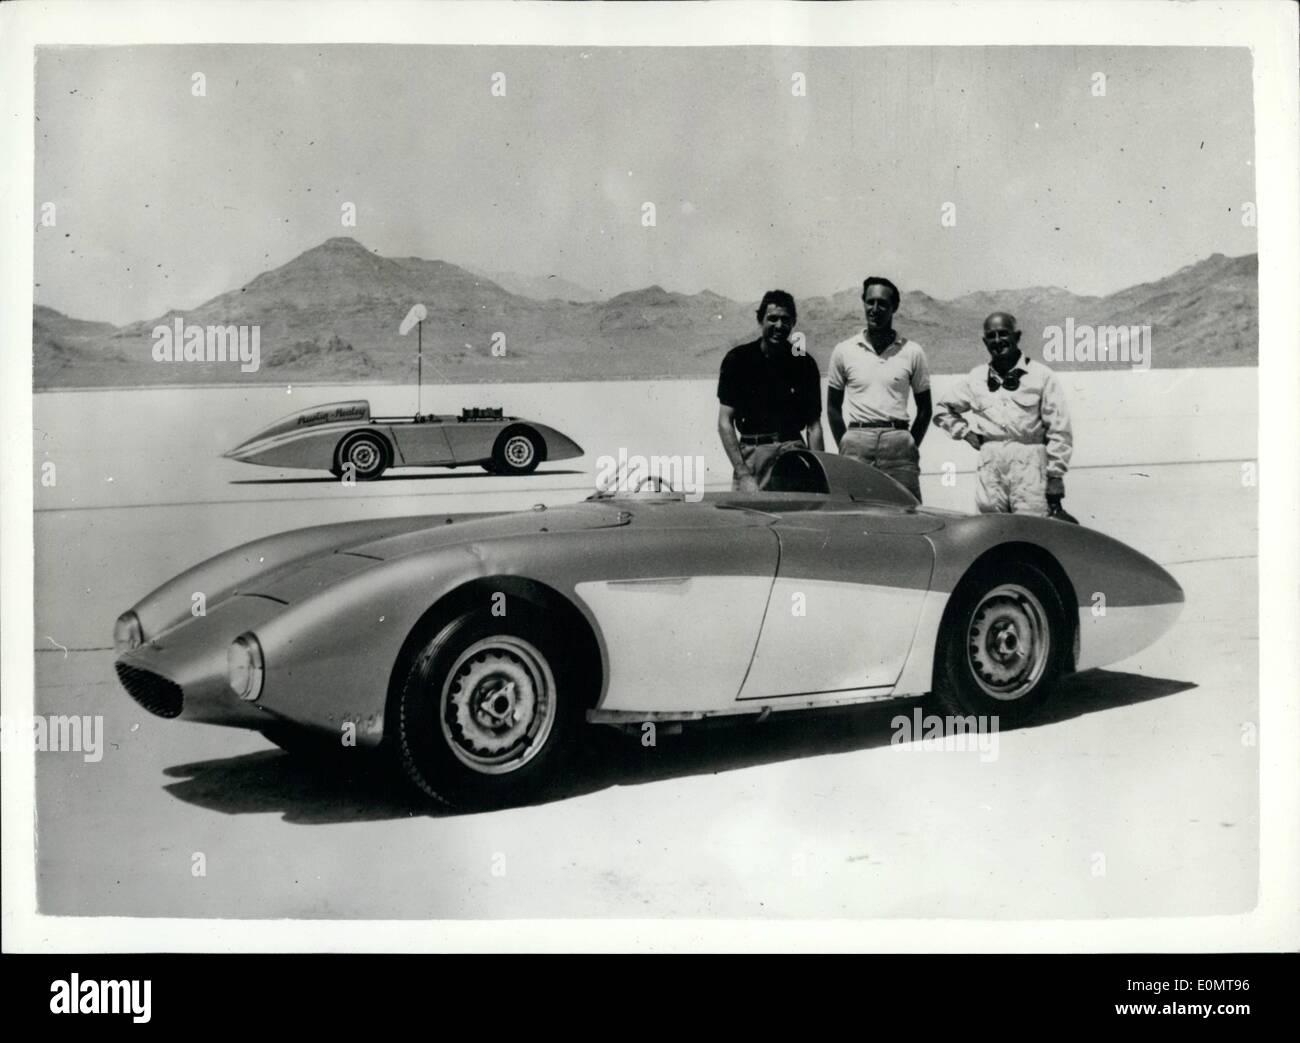 """8. August 1956 - Austin Healey bricht sechzehn Jahr alten Geschwindigkeit Aufzeichnungen bei Verkauf Le von Bonneville: Mit Mr Roy Jackson Moore von Los Angeles am Steuer - diese modifizierte Austin Healey 100 vor kurzem brach internationale Klasse würde """"und amerikanische Rekorde Kunst Salzsee von Bonneville, Utah, U.S.A. Das Auto abgedeckt 200 Meilen bei 152,51 mph und 500 Kilometer an 152.32 mp.h. -Rekorde zuvor im Jahre 1940 eingerichtet. Das Auto ist im Grunde ein standard Austin Healey 100 Cassie und Körper leicht modifiziert, zur Anpassung an ein Einsitzer und Streamline Merkmale zu verbessern Stockbild"""